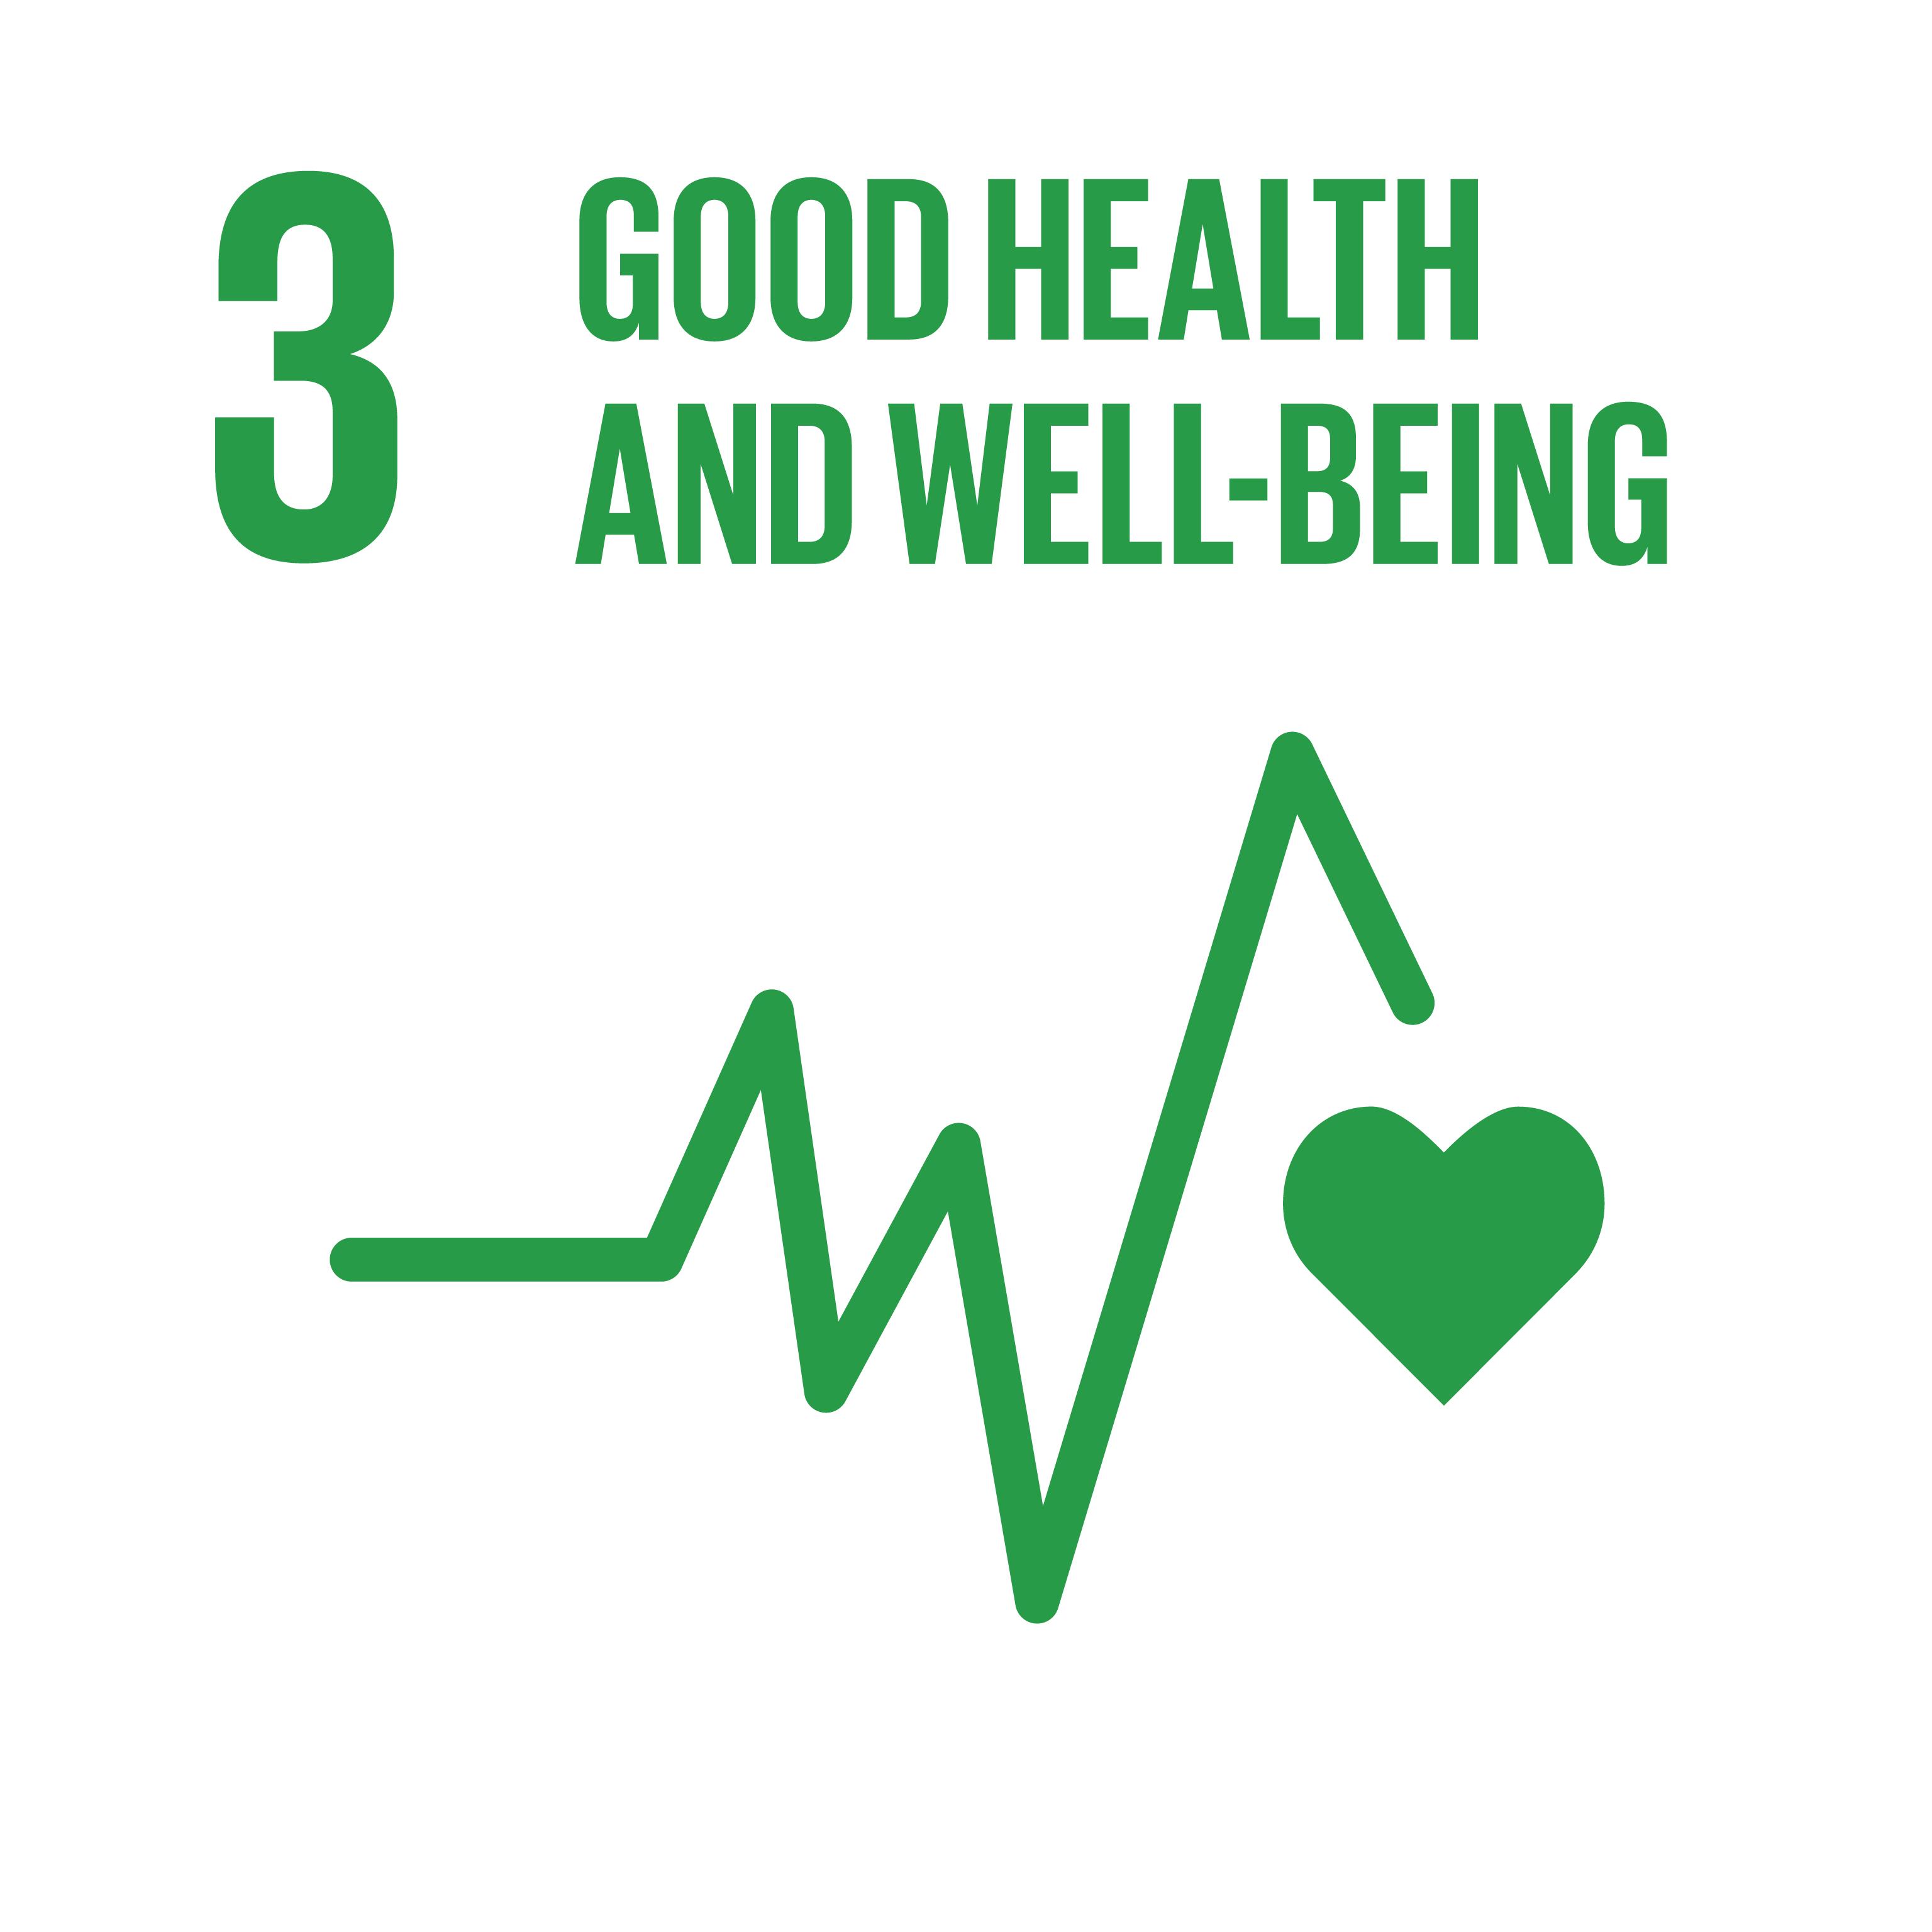 Image SDG 3; © UN